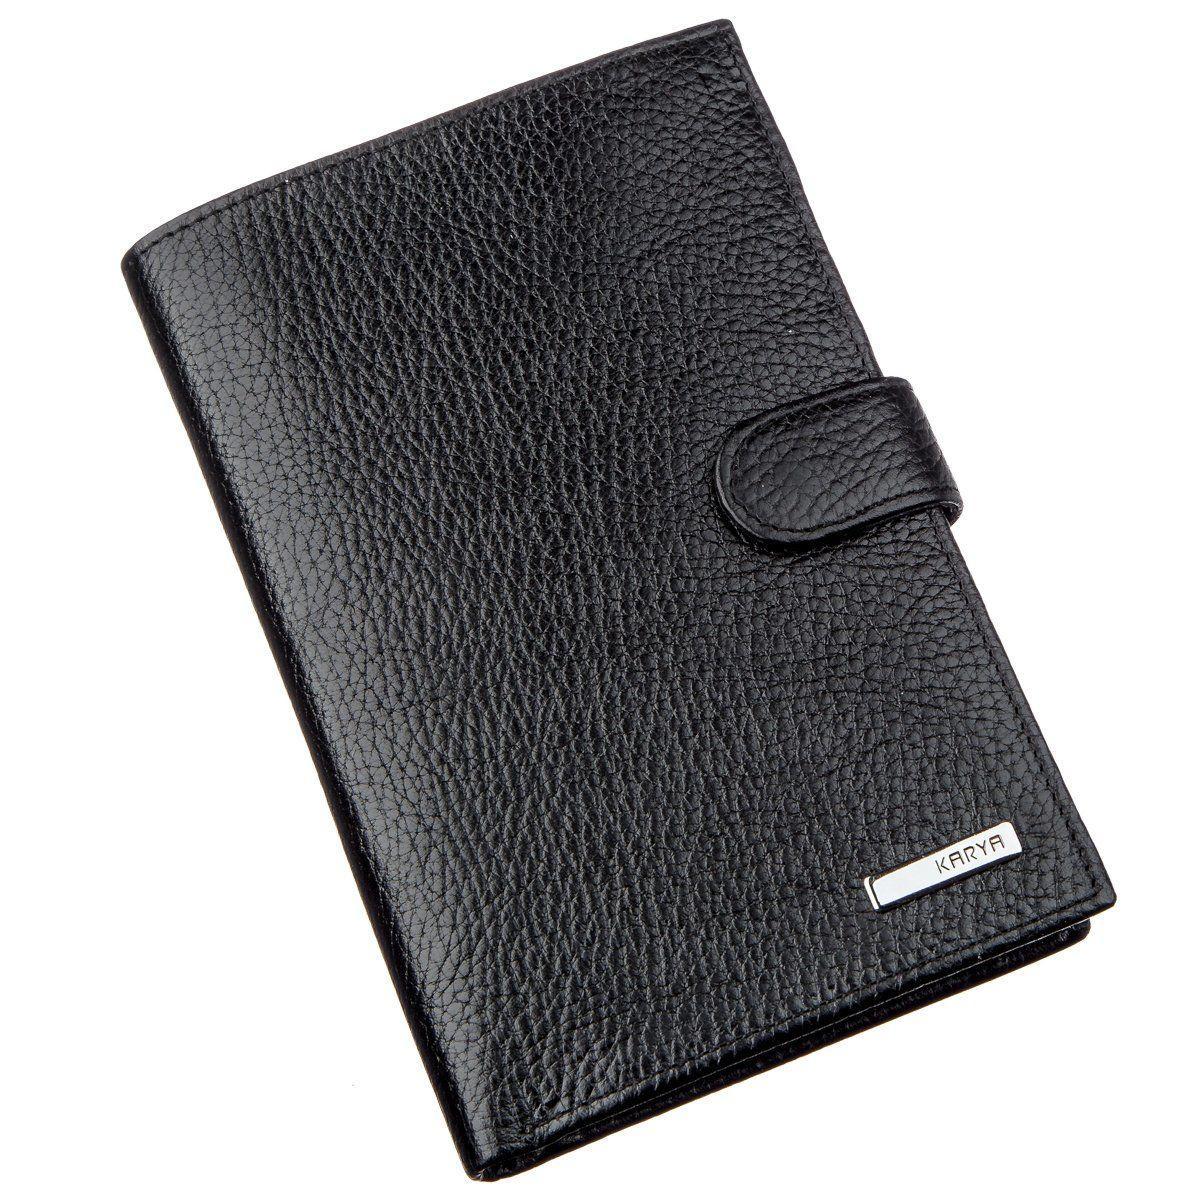 Місткий функціональний чоловічий гаманець KARYA 17368 чорний